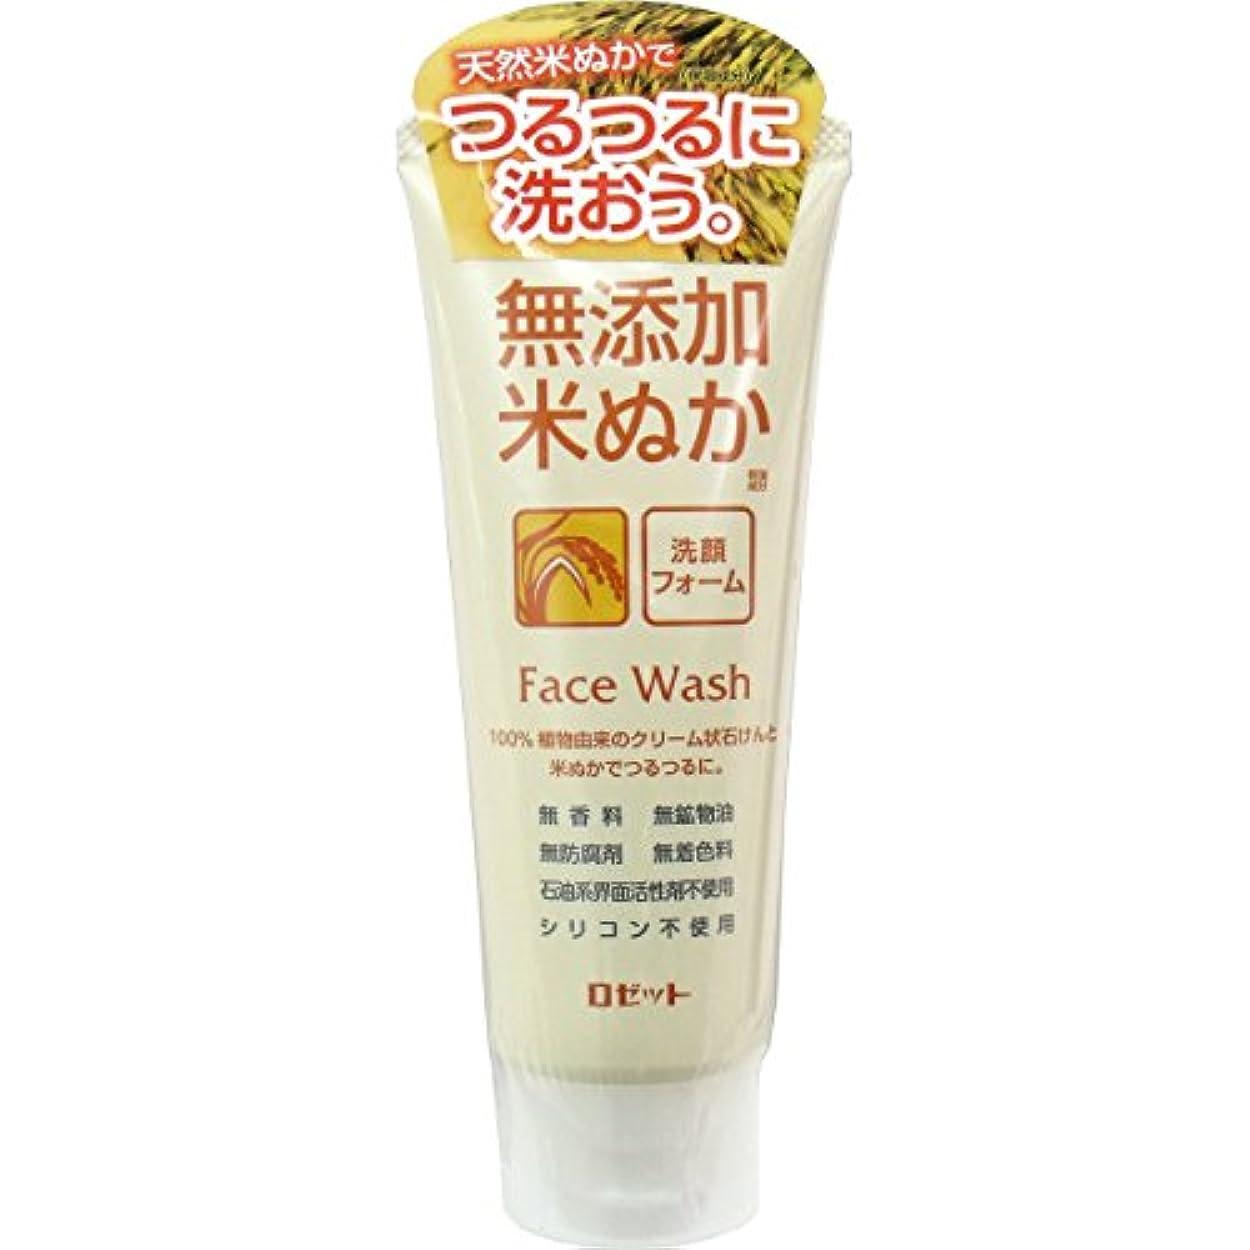 狭い畝間殺人【ロゼット】無添加米ぬか洗顔フォーム 140g ×20個セット